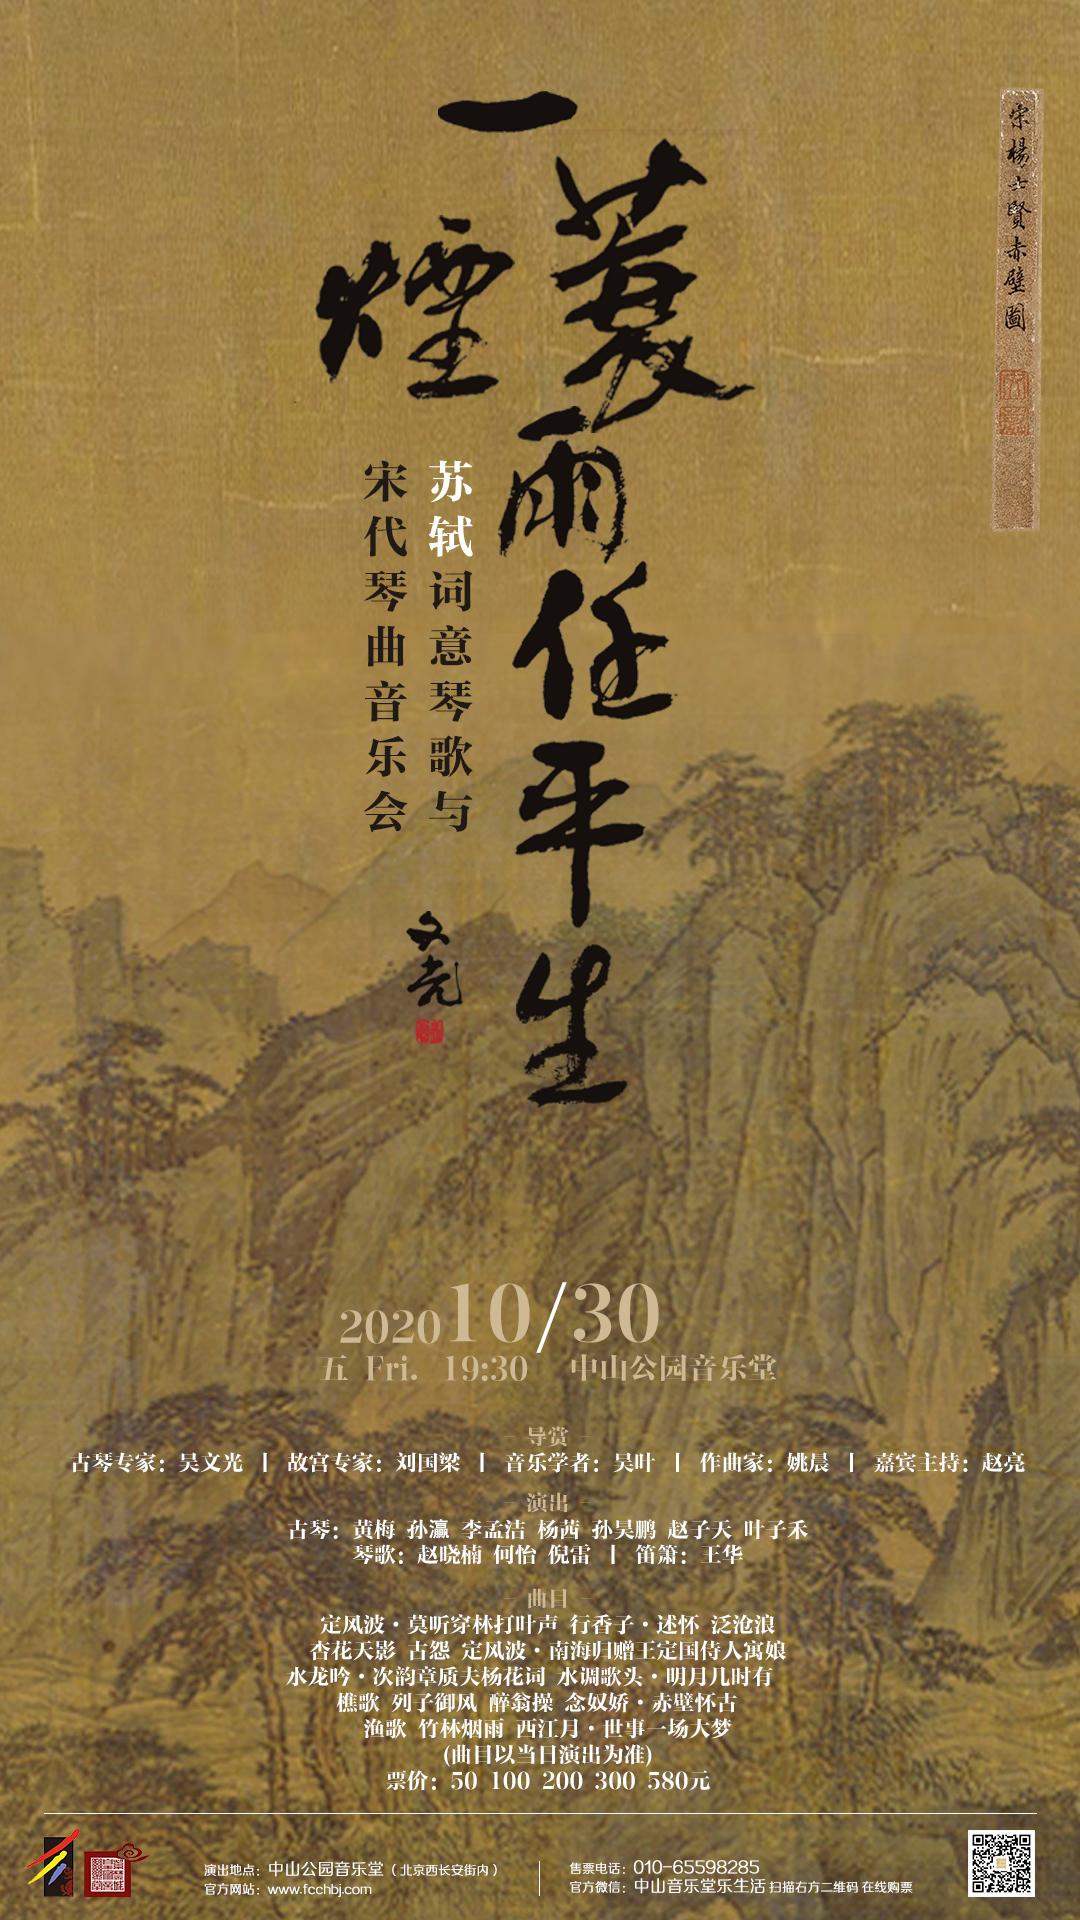 20.10.30一蓑烟雨任平生—苏轼词意琴歌与宋代琴曲音乐会竖2.jpg